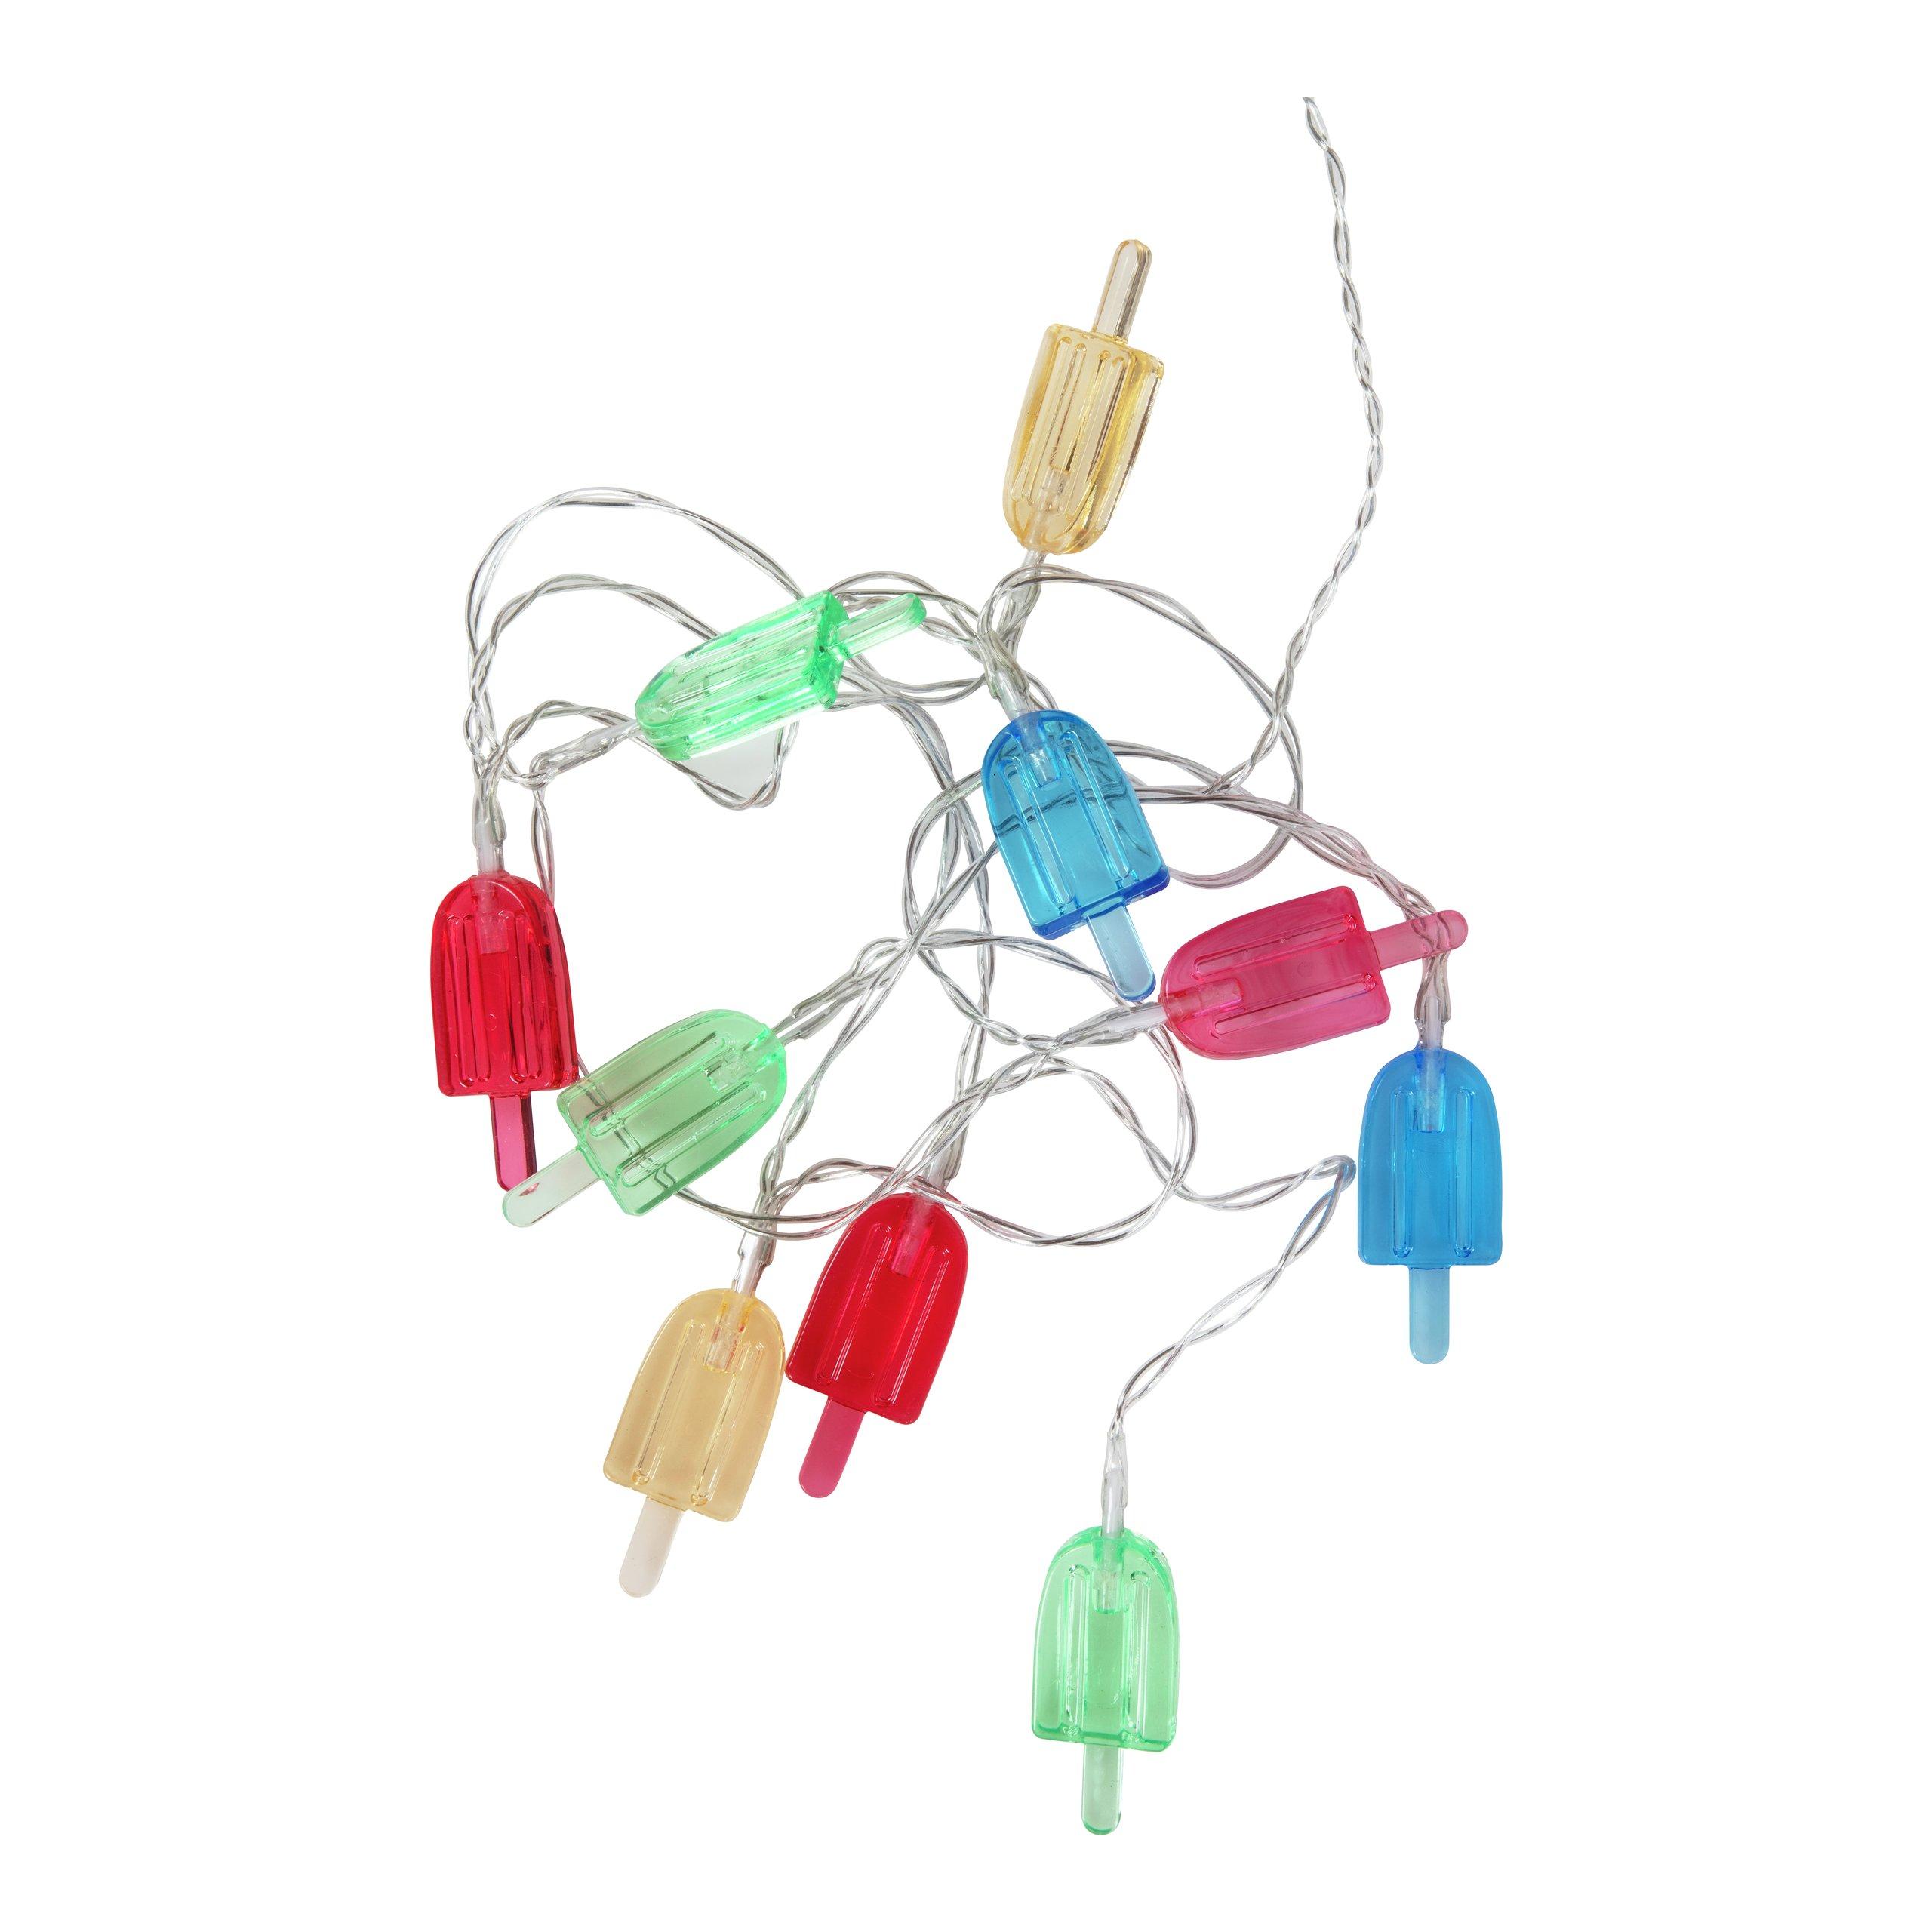 LOLLIPOP LYSLENKE 10 LED LYS-100244